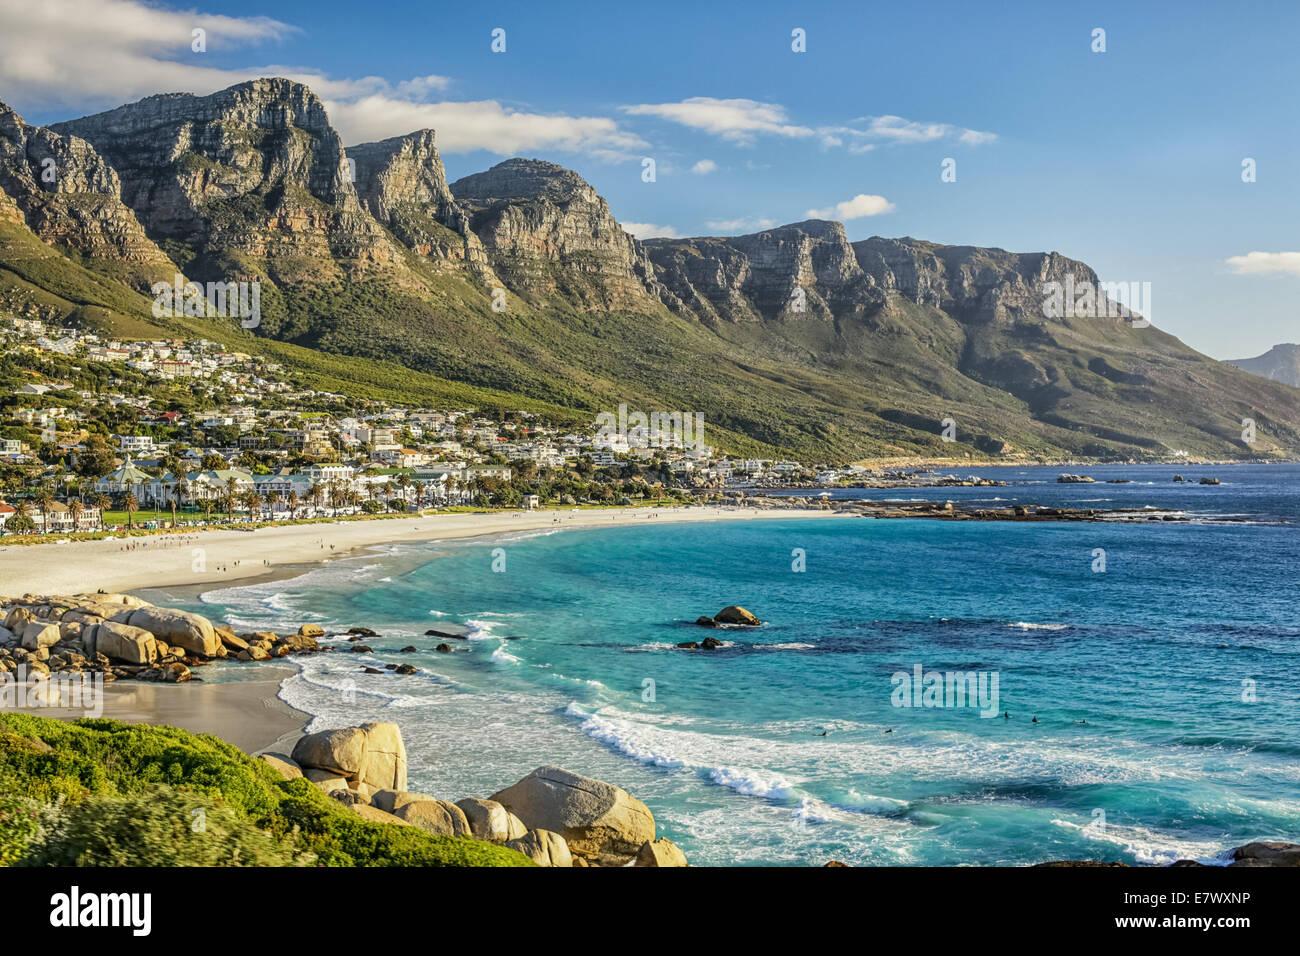 La hermosa ciudad de Cape Town, con sus magníficas montañas, playas de arena blanca y el agua azul claro Imagen De Stock